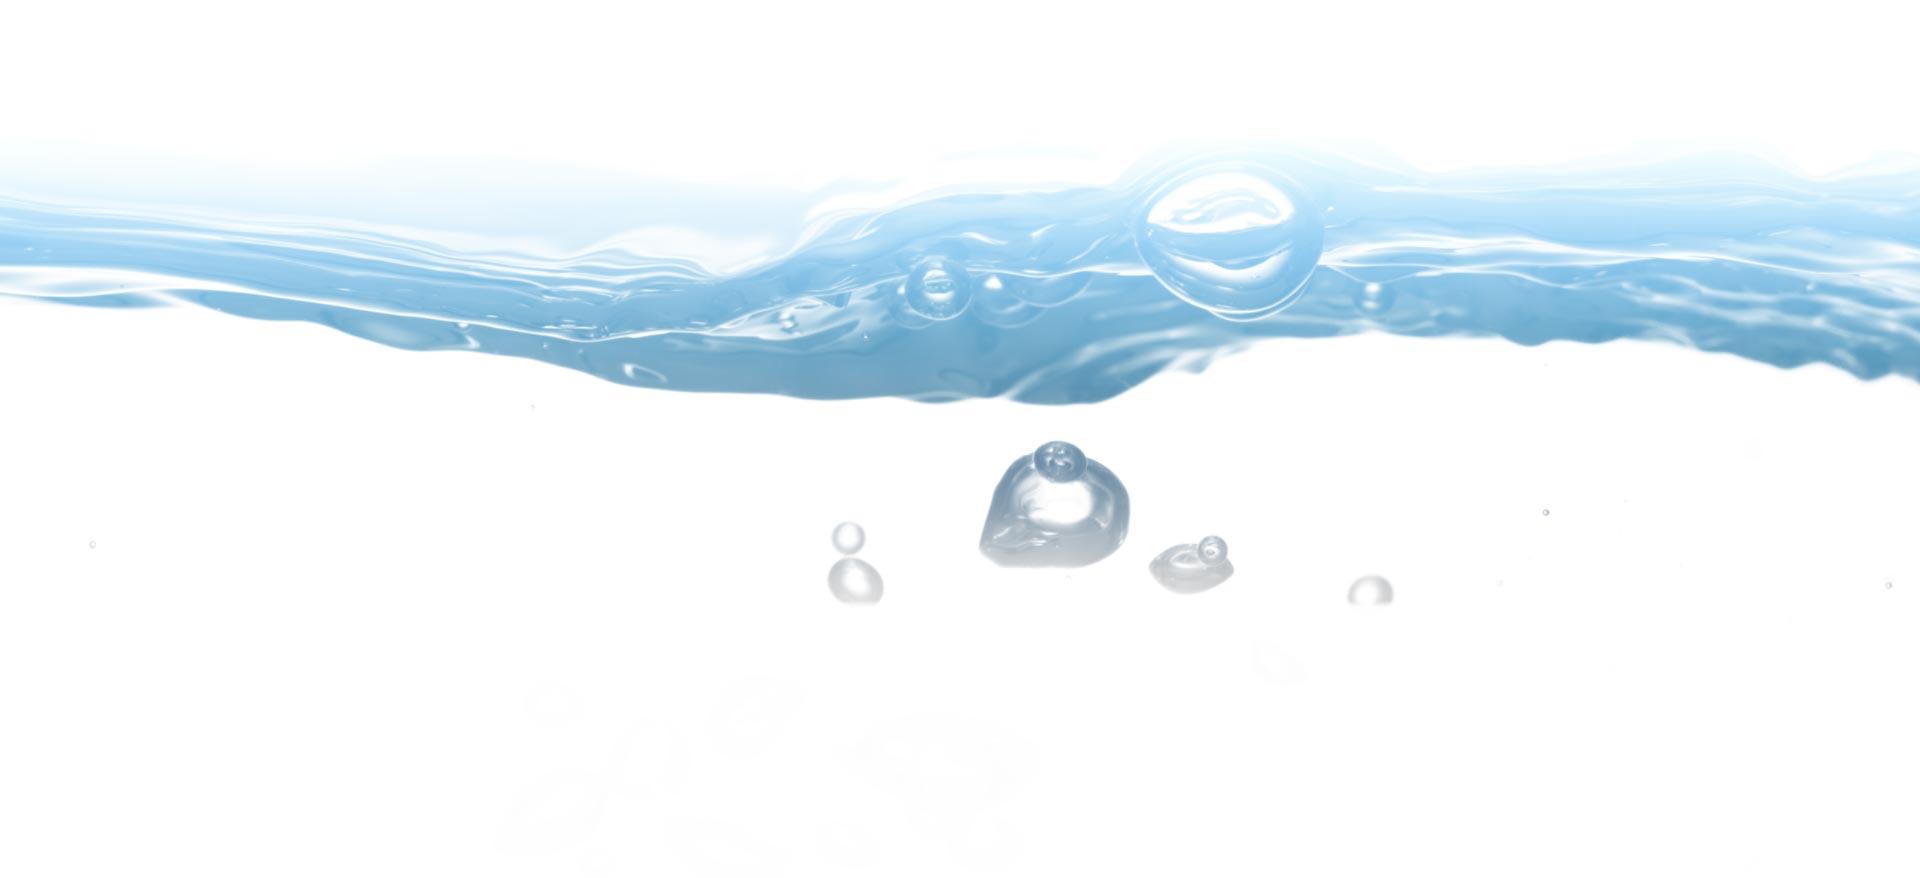 Wasser Hintergrundbild